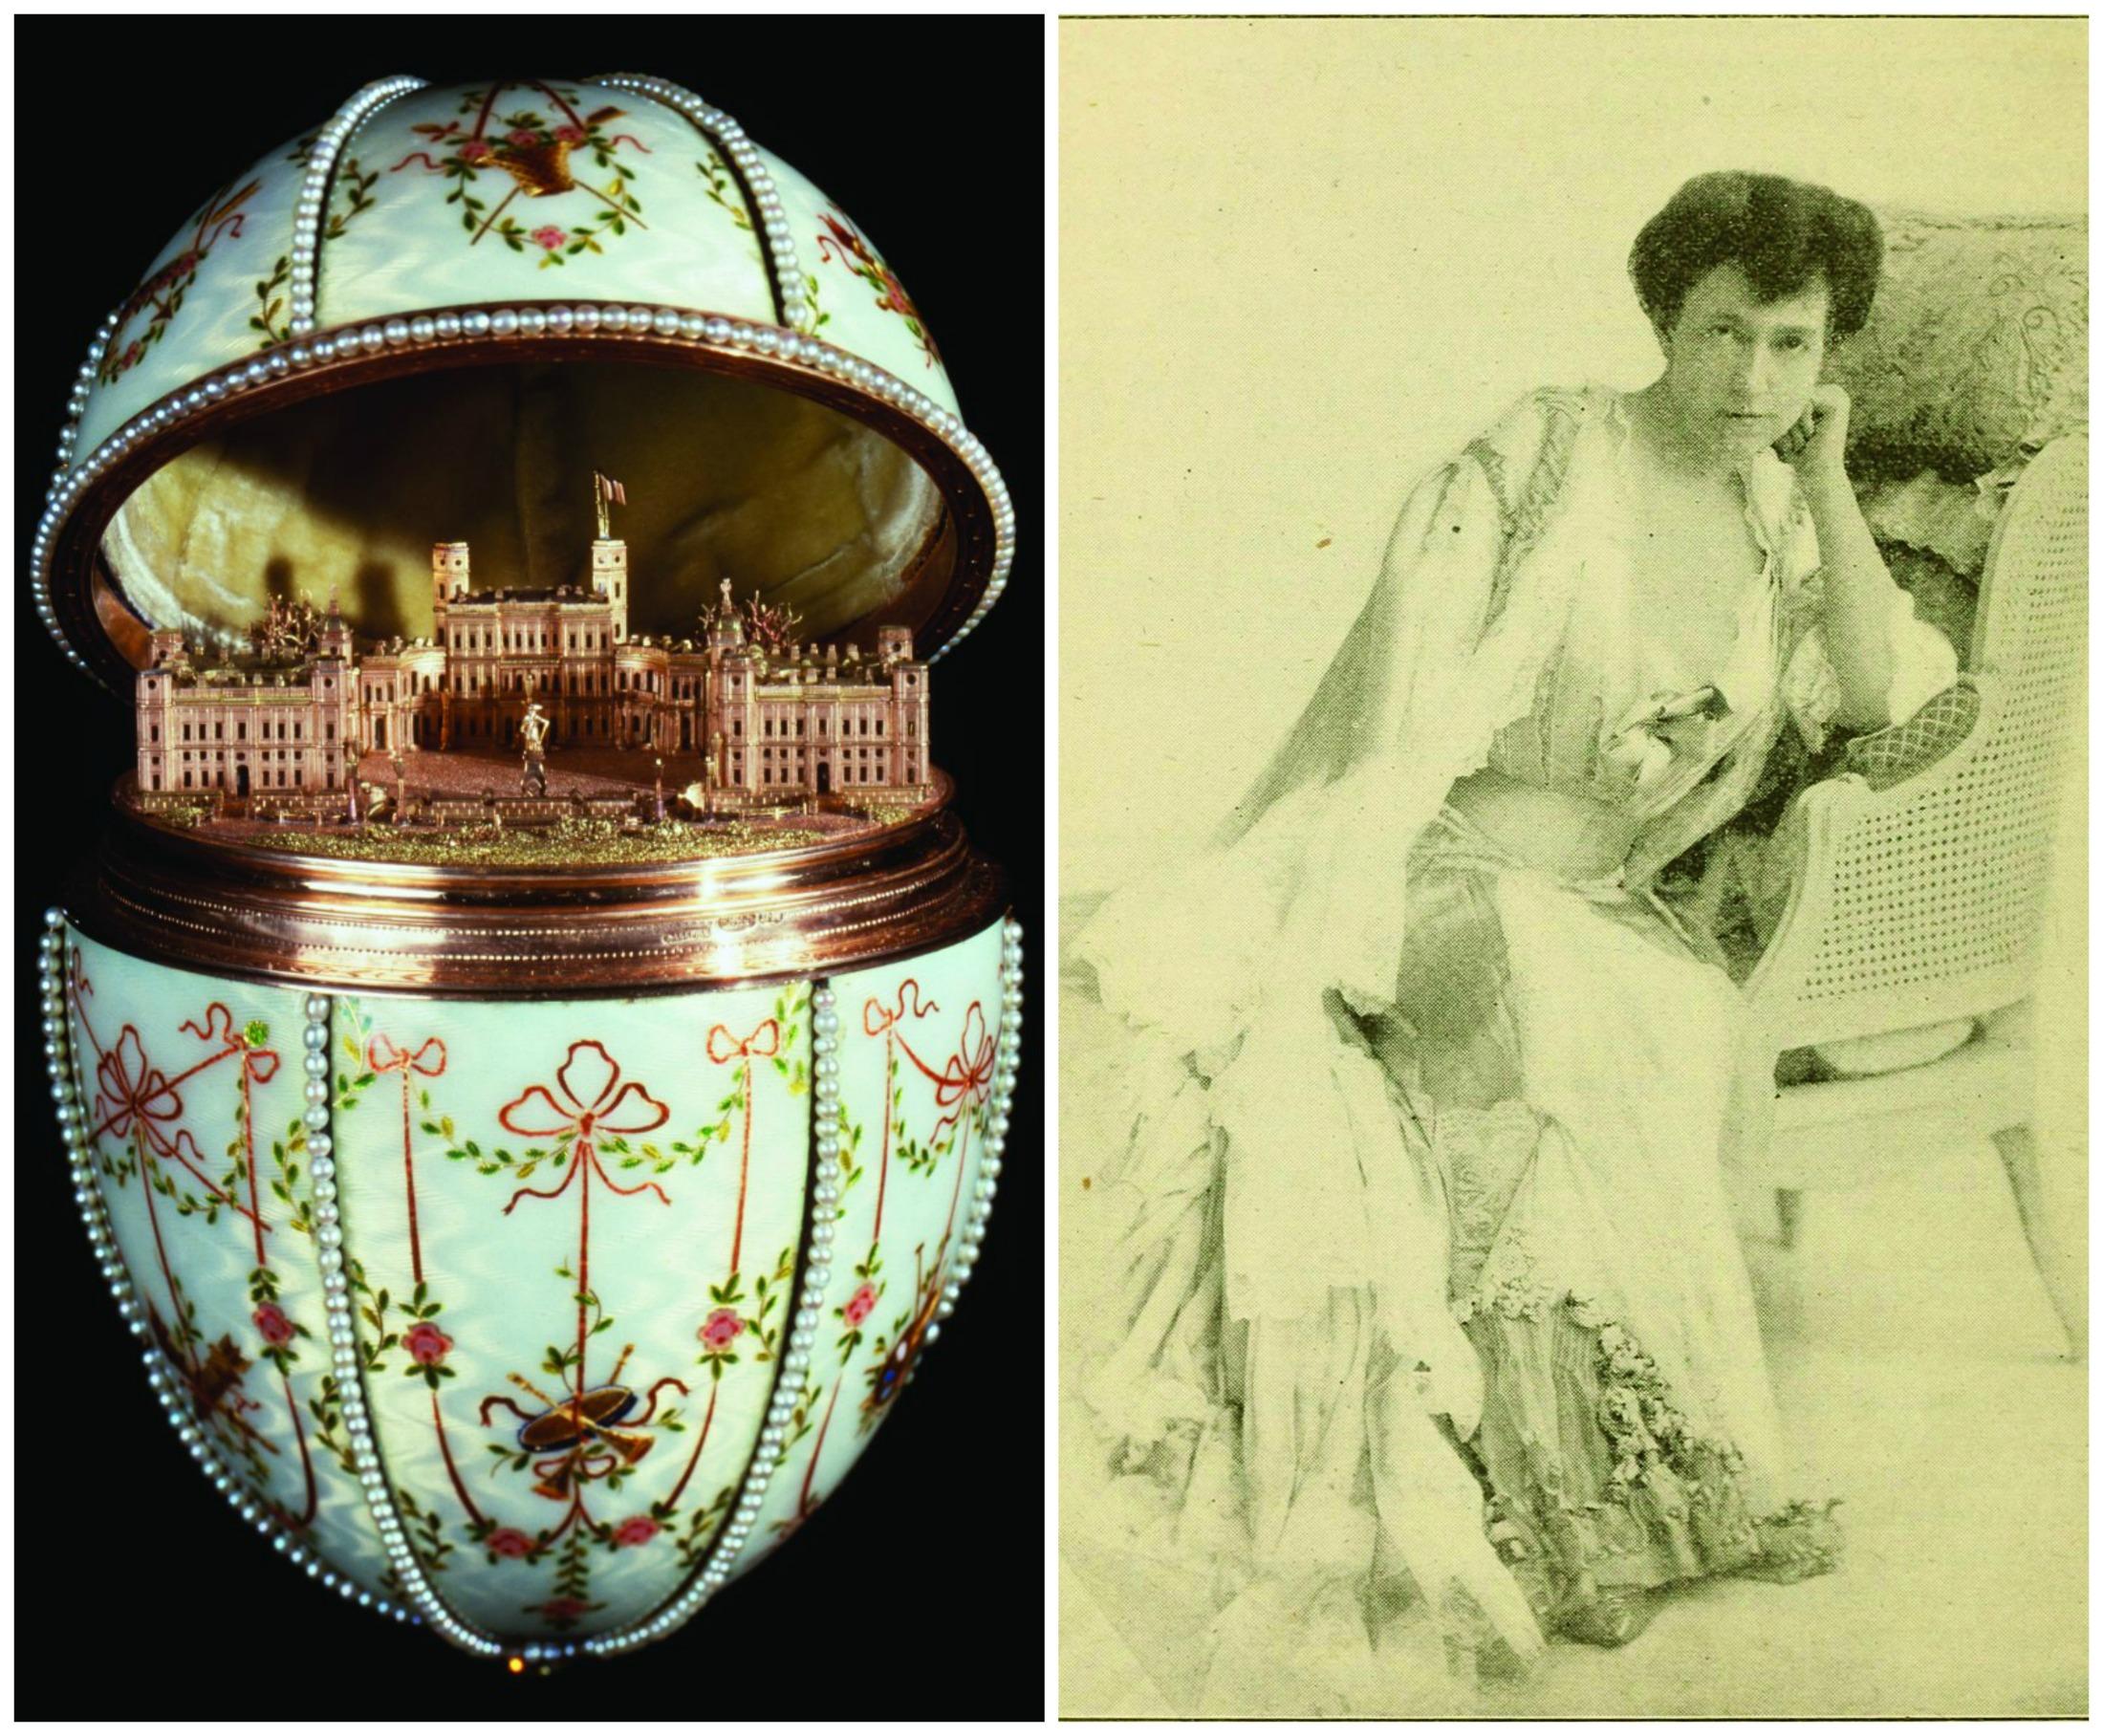 Po lewej Jedno z jajek Fabergégo, powstałe w 1901 roku. Po prawej Elsie de Wolfe, amerykańska aktorka i dekoratorka wnętrz, autorka wydanej w 1913 roku poczytnej książki 'Dom w dobrym guście' (fot. Walters Art Museum / Baltimore, Maryland / Julius Cahn's official theatrical guide (1903-1904) / Domena publiczna)